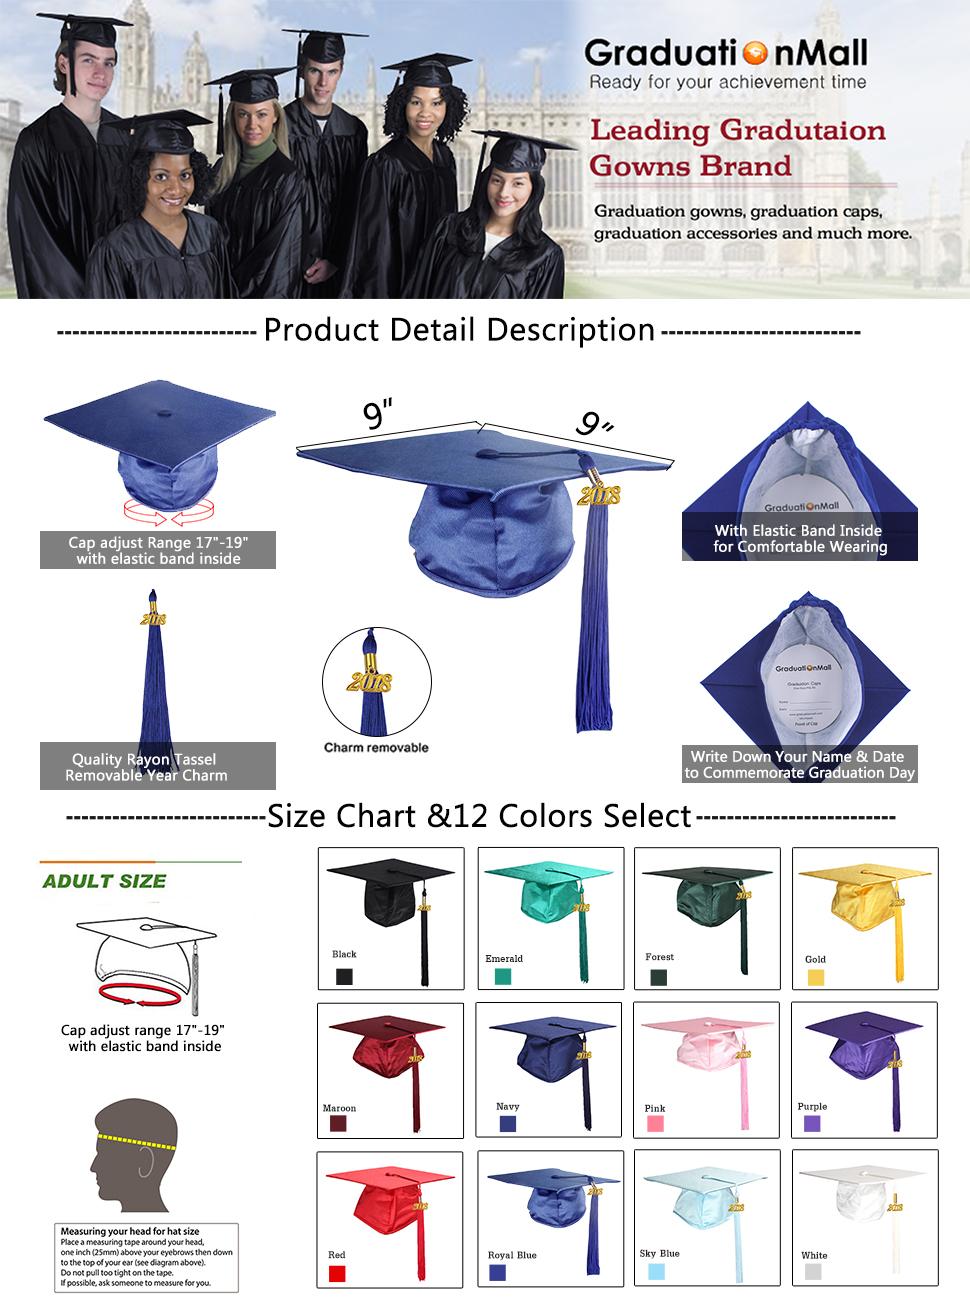 size of a graduation cap - People.davidjoel.co